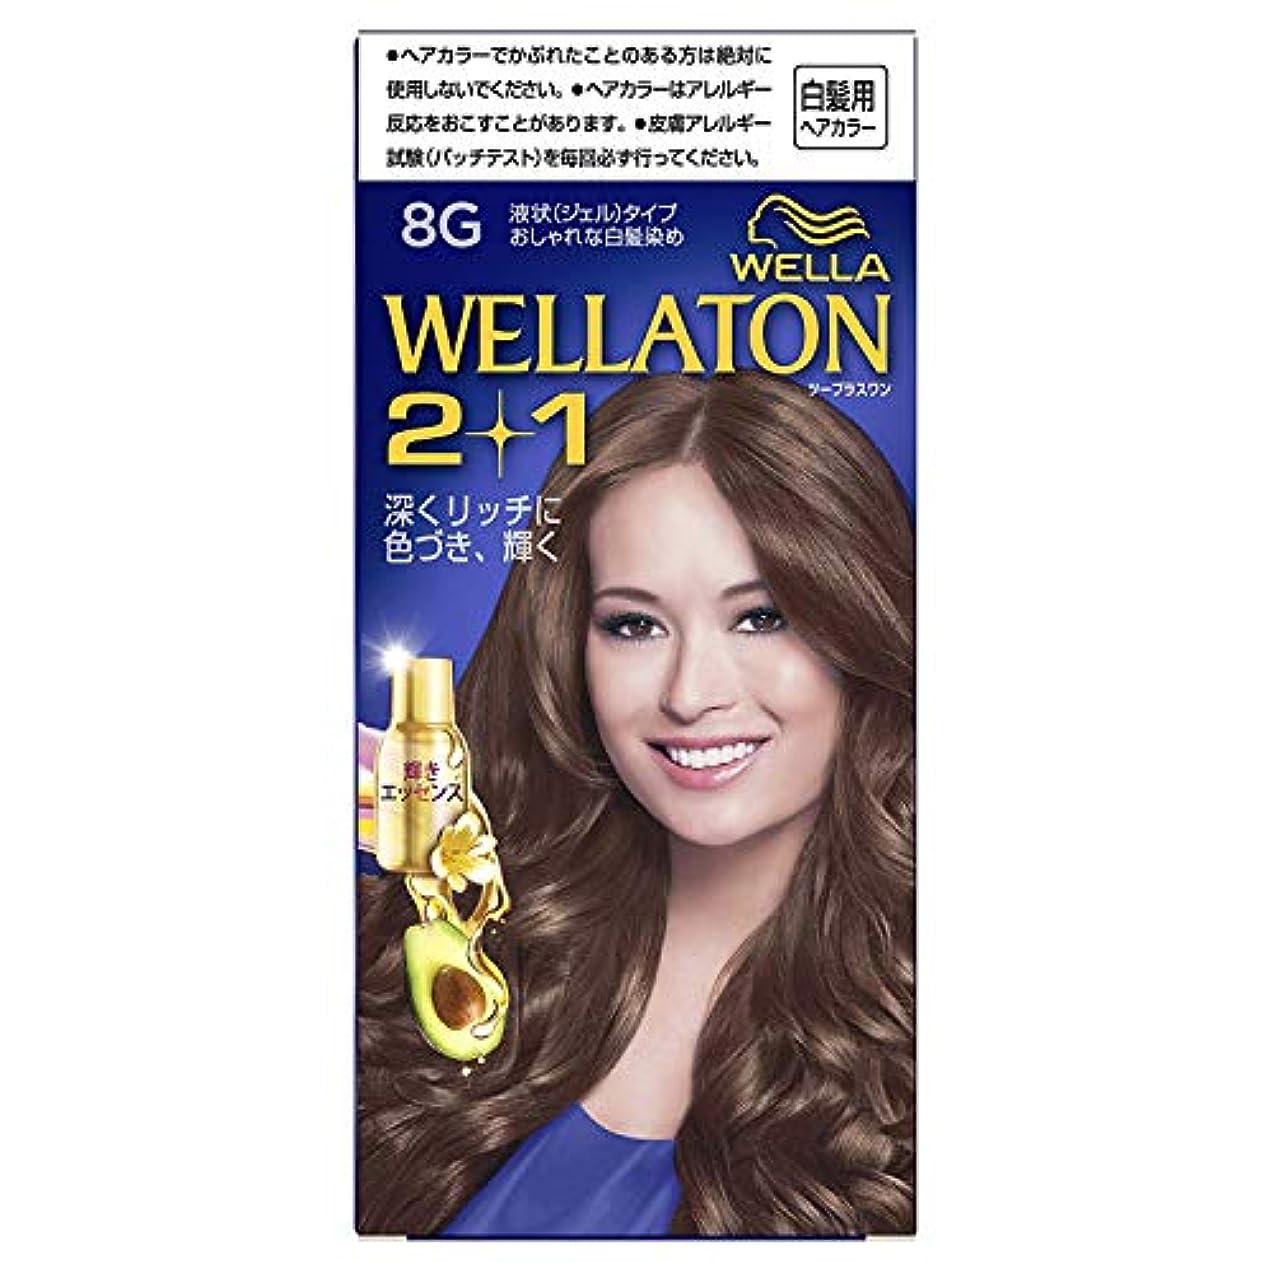 拡声器未知の一貫性のないウエラトーン2+1 白髪染め 液状タイプ 8G [医薬部外品] ×6個